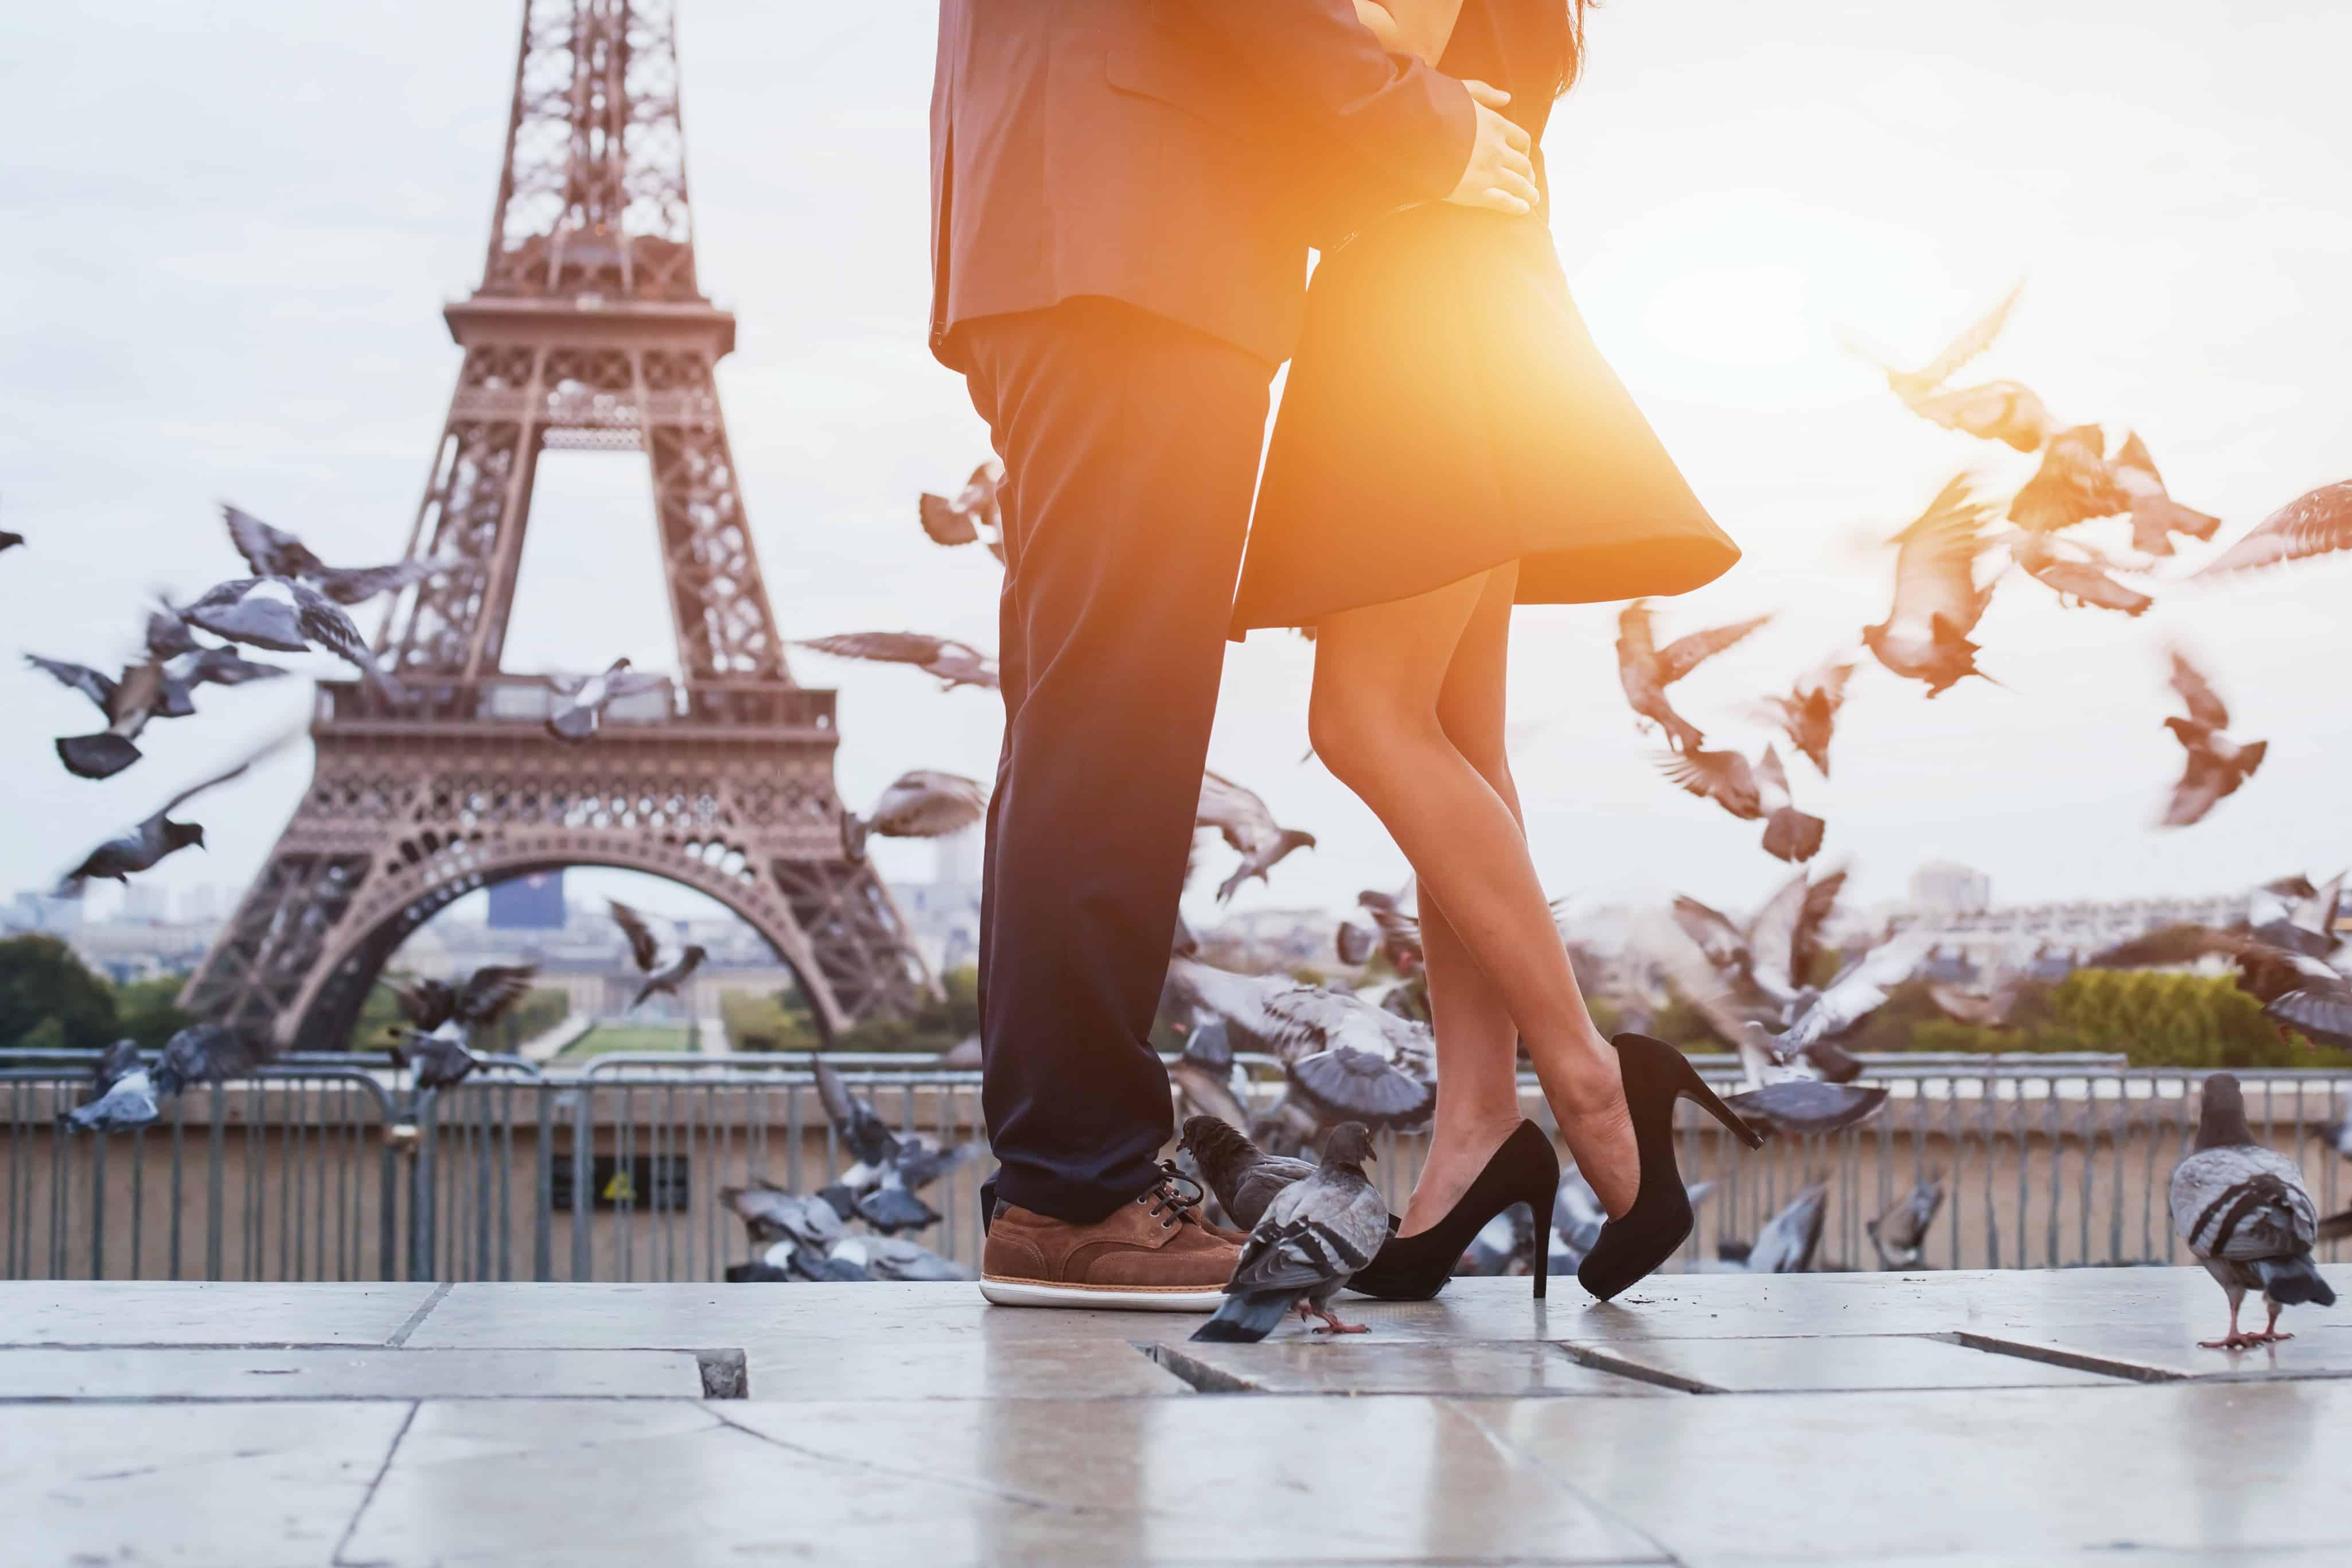 Man en vrouw romantisch voor de Eiffeltoren in Parijs, Frankrijk